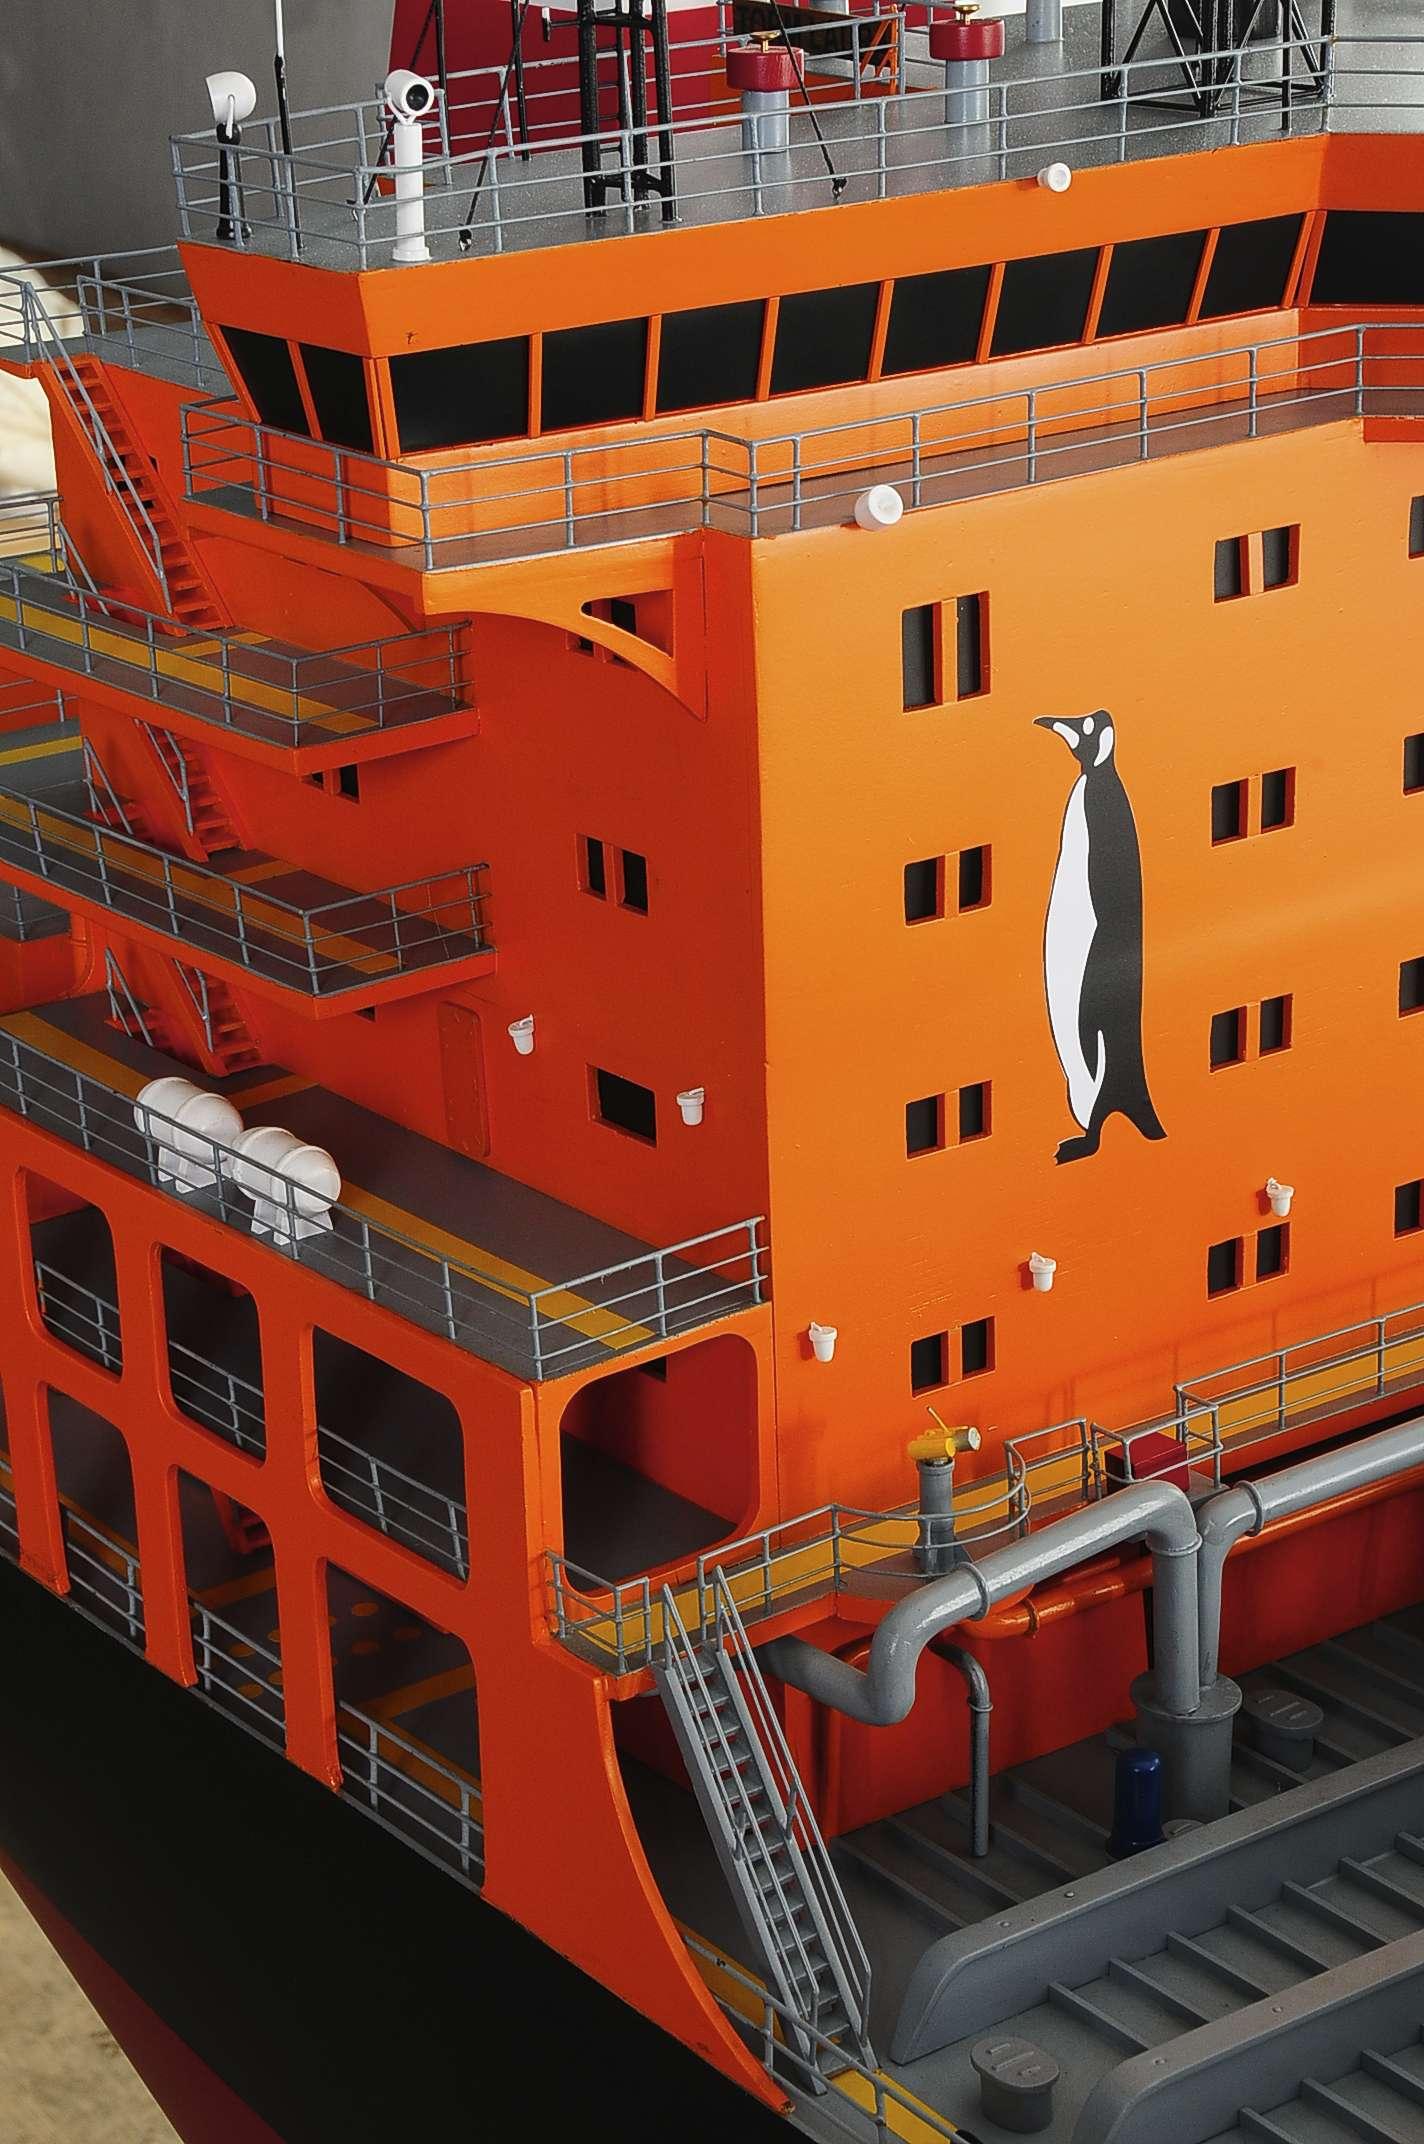 1426-4772-Oil-Tanker-Model-Ship